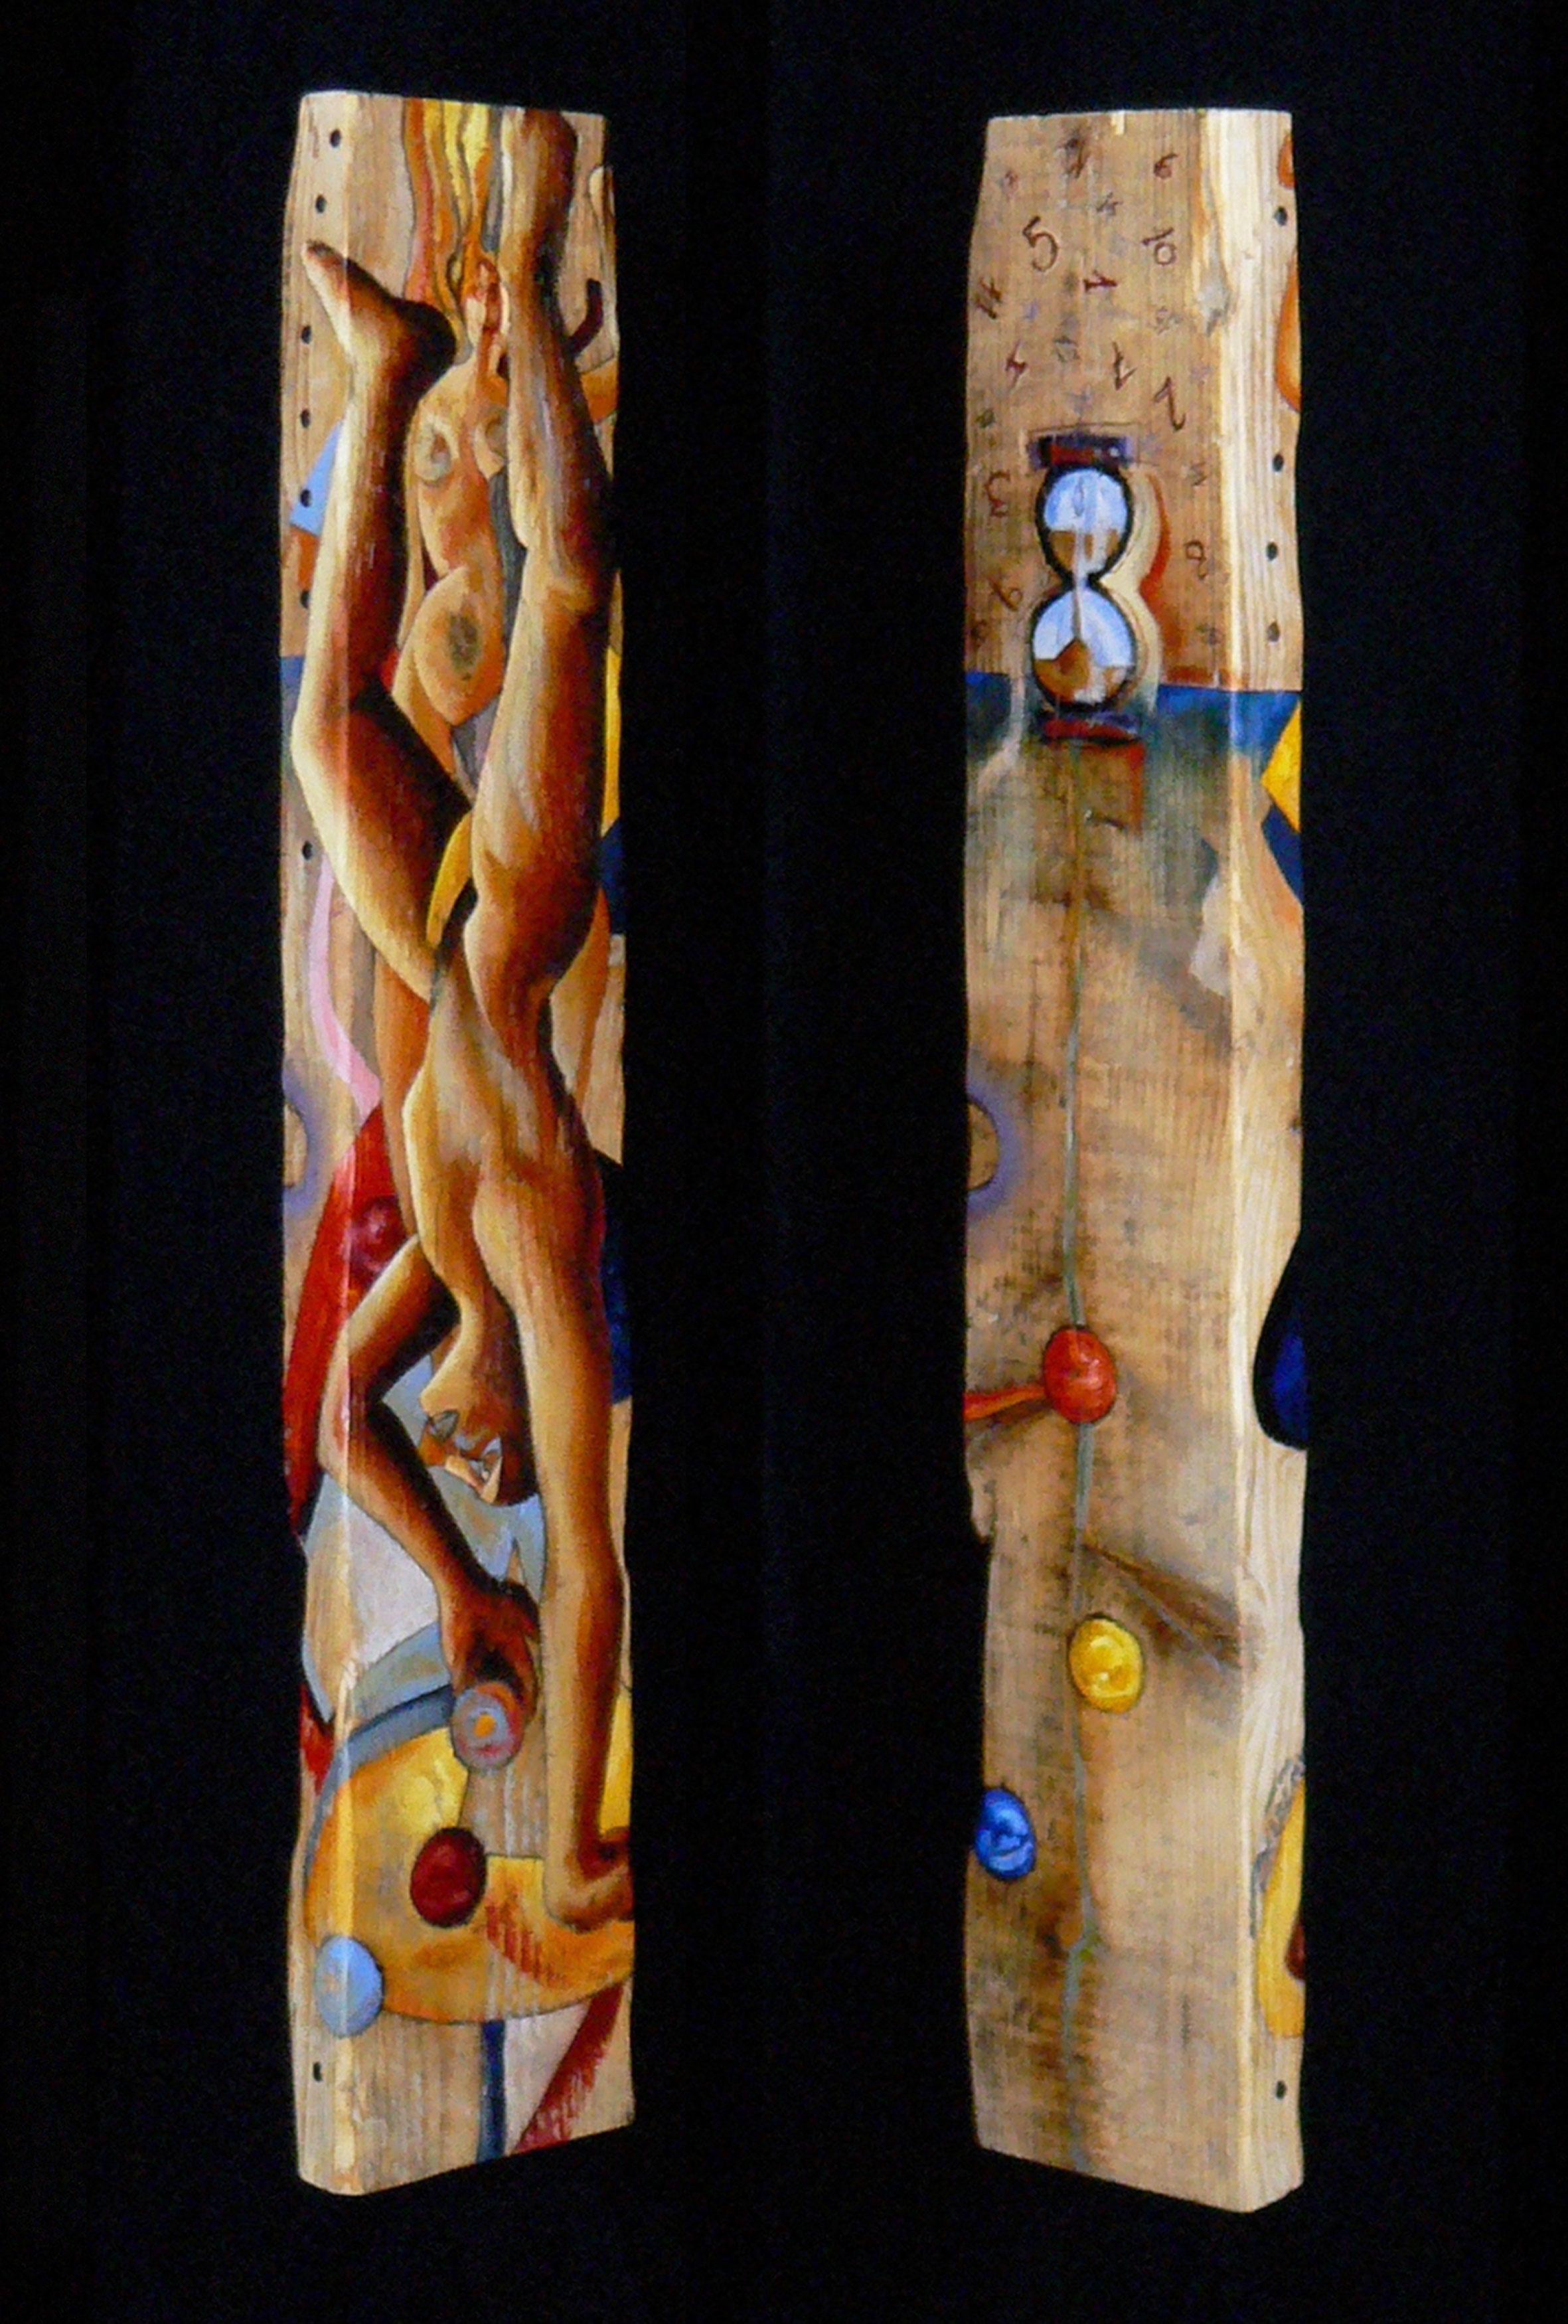 DECREME-Jongleur-Peinture-sur-bois-100x8x28cm-1999